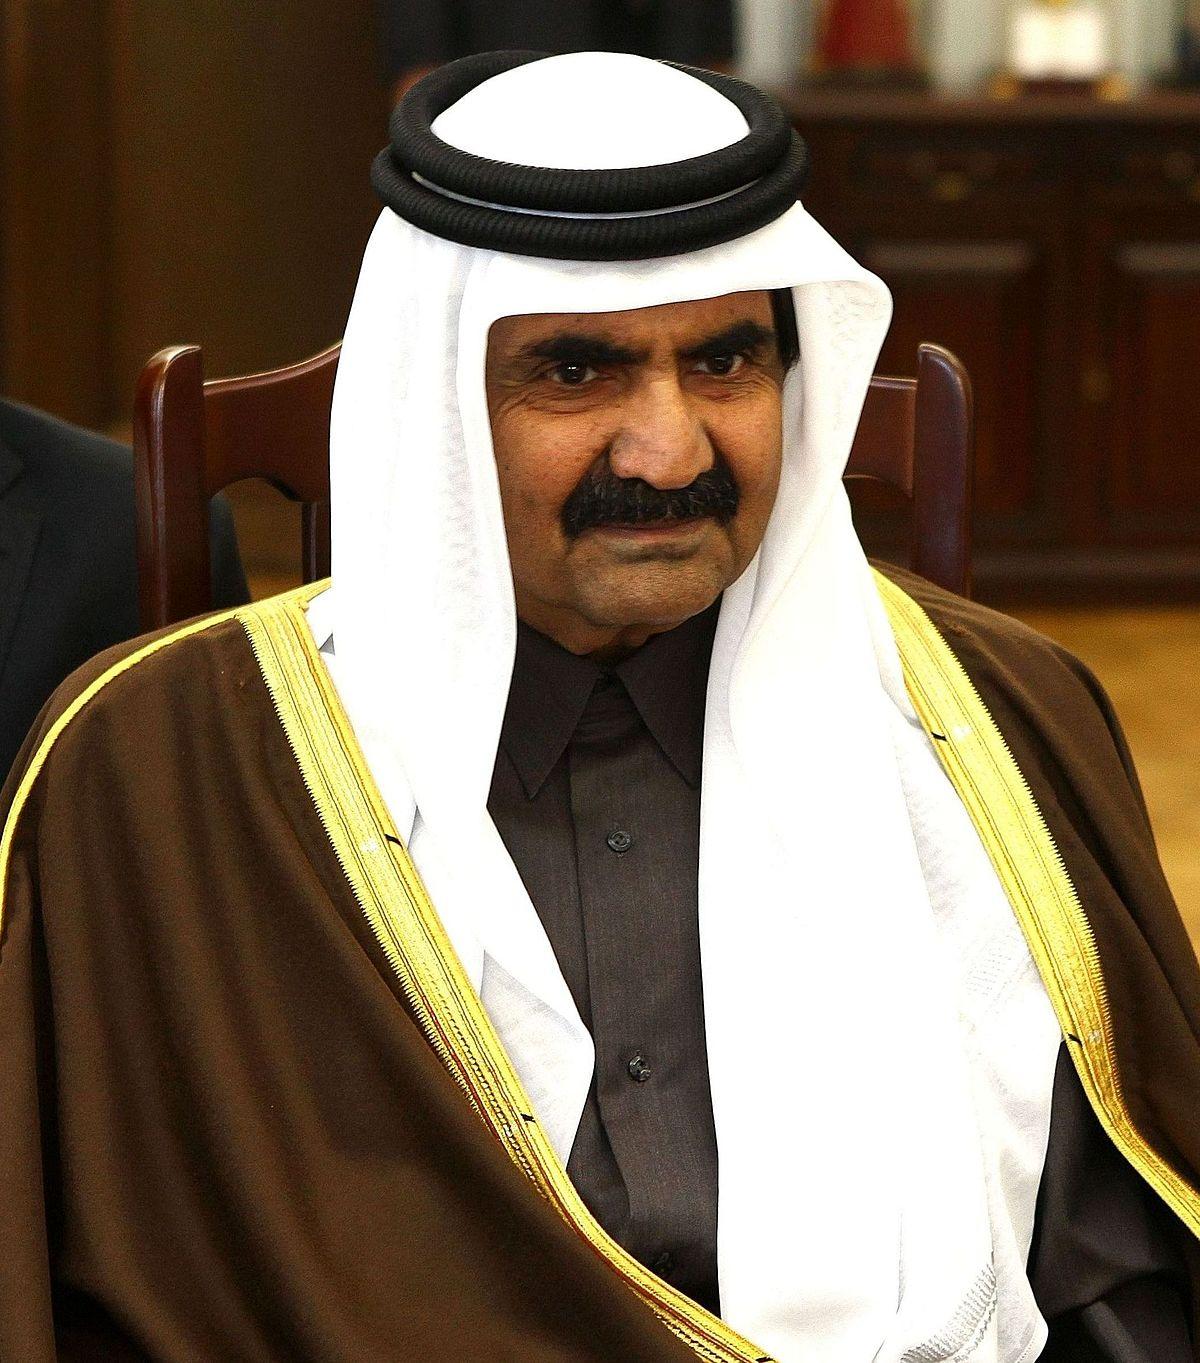 حمد بن خليفة آل ثاني ويكيبيديا